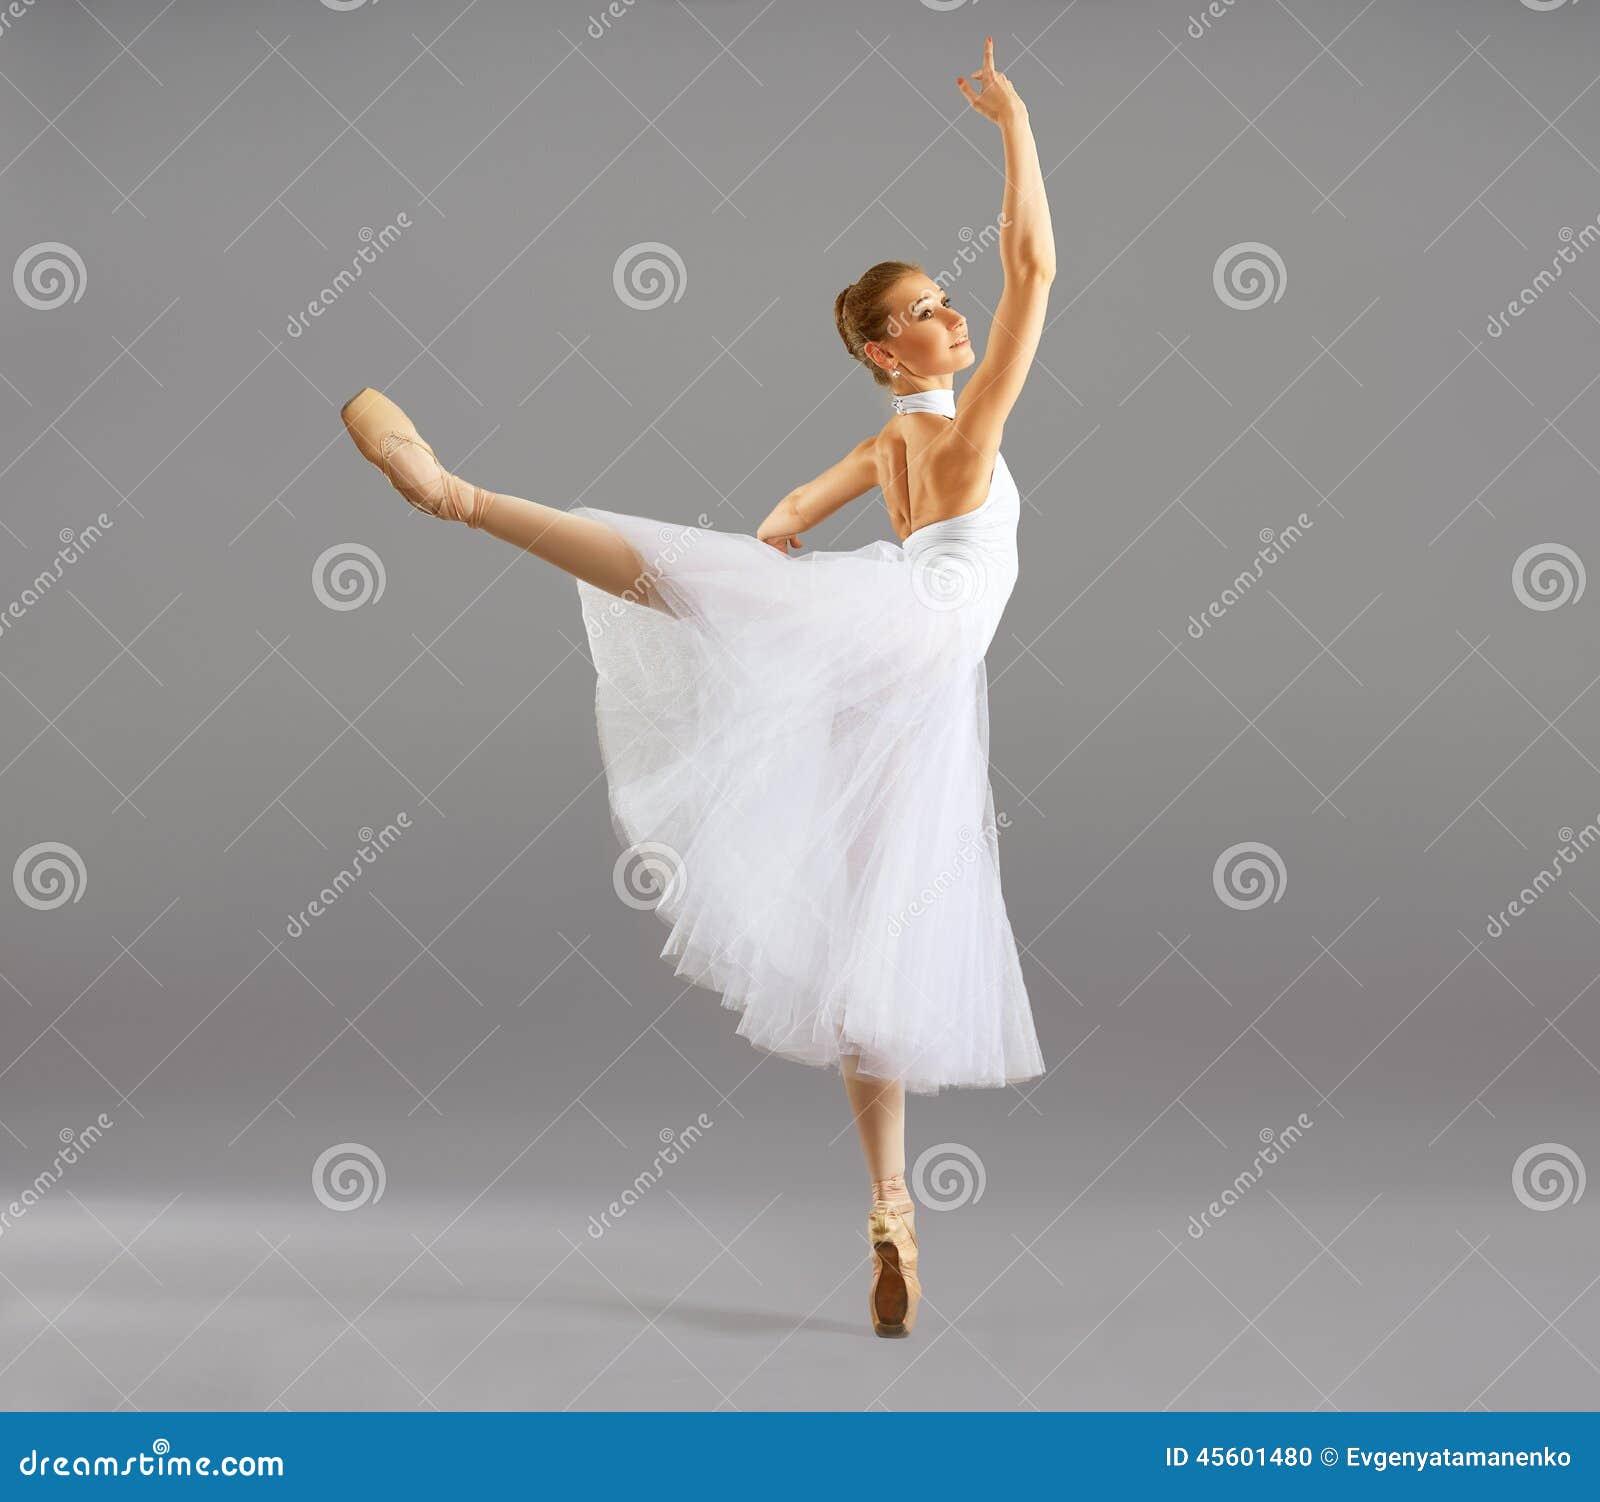 芭蕾姿势古典舞蹈的芭蕾舞女演员